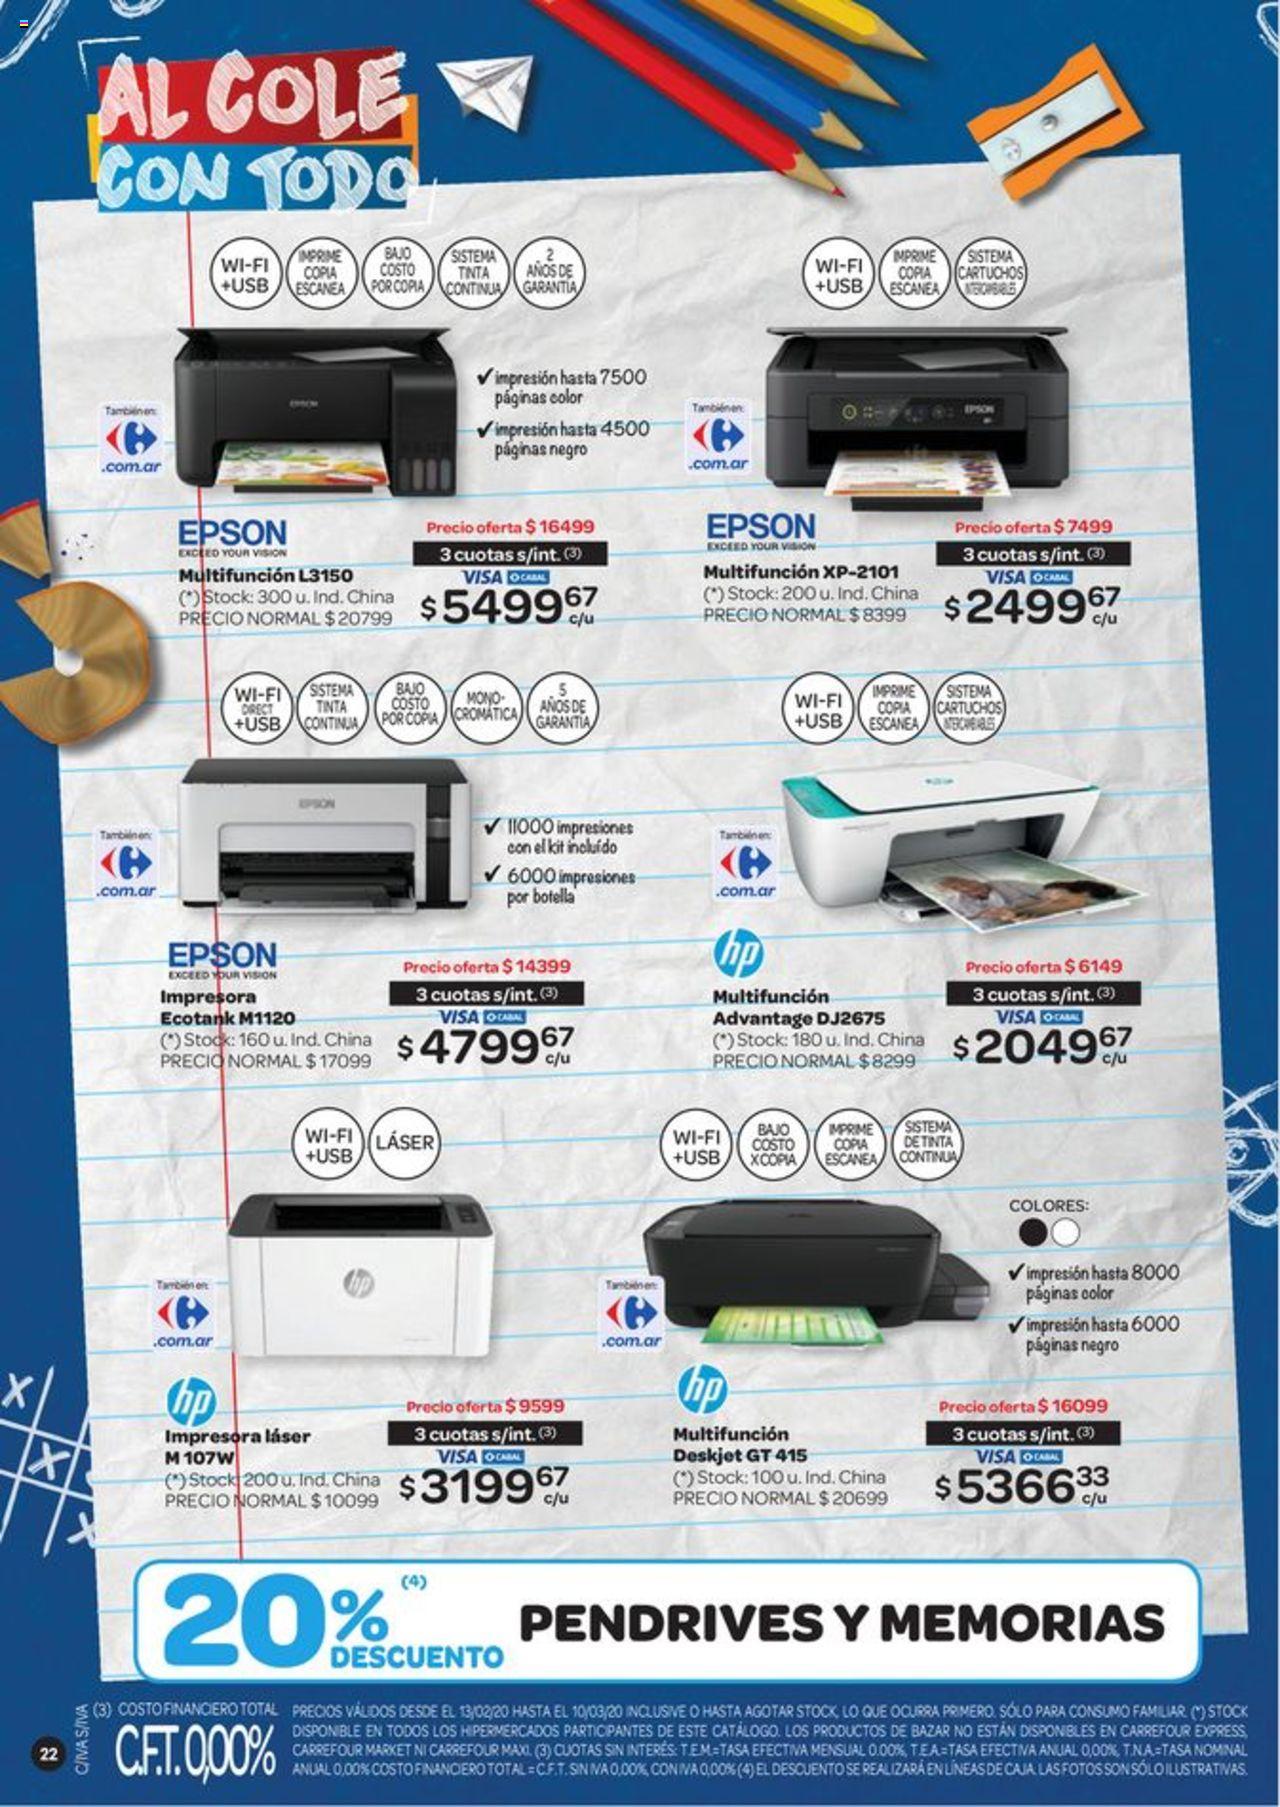 Carrefour Oferta válido desde el 13/02/2020 número de página 1 | Página: 22